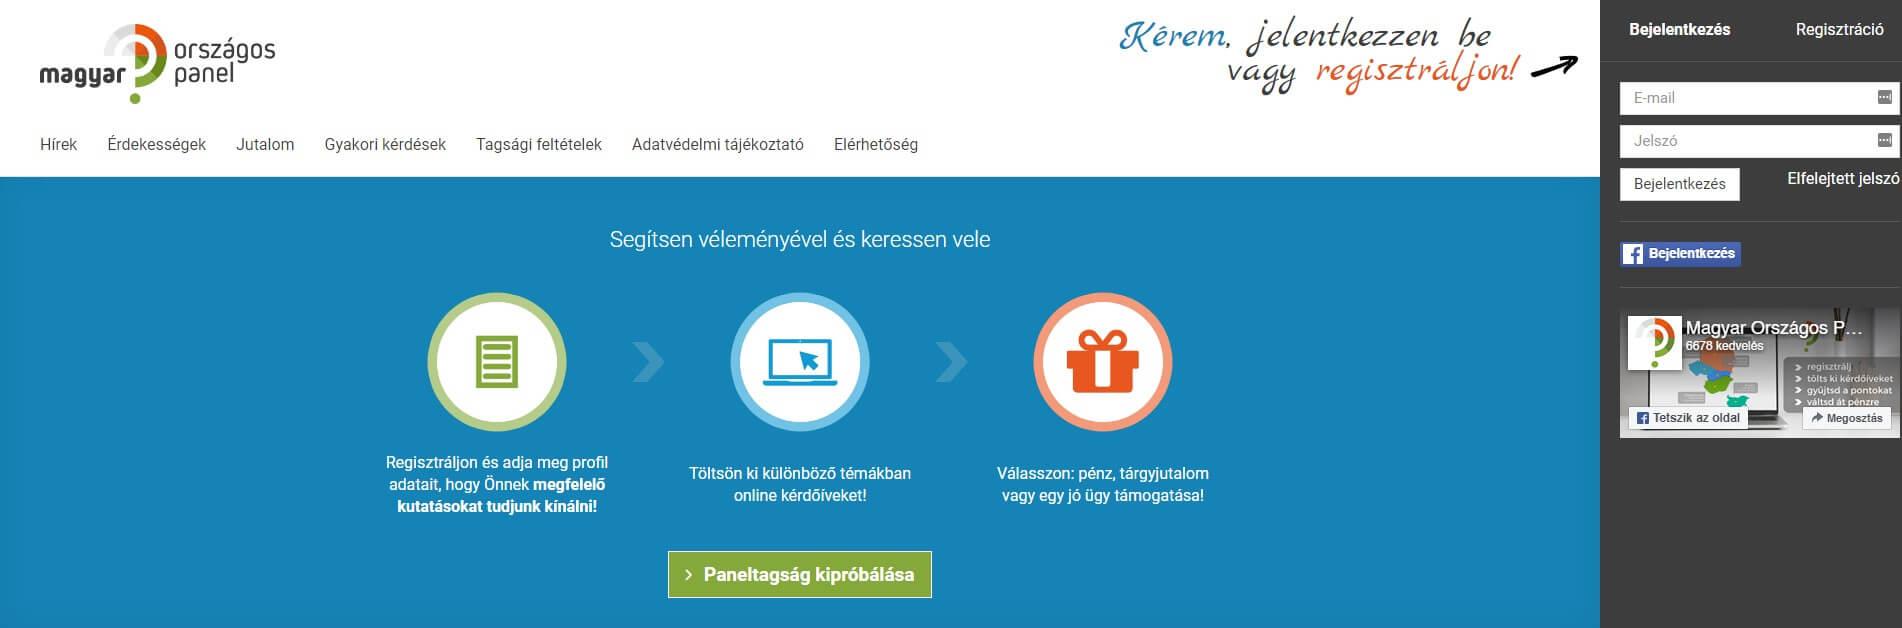 pénzt keresni online kérdőívek kitöltésével